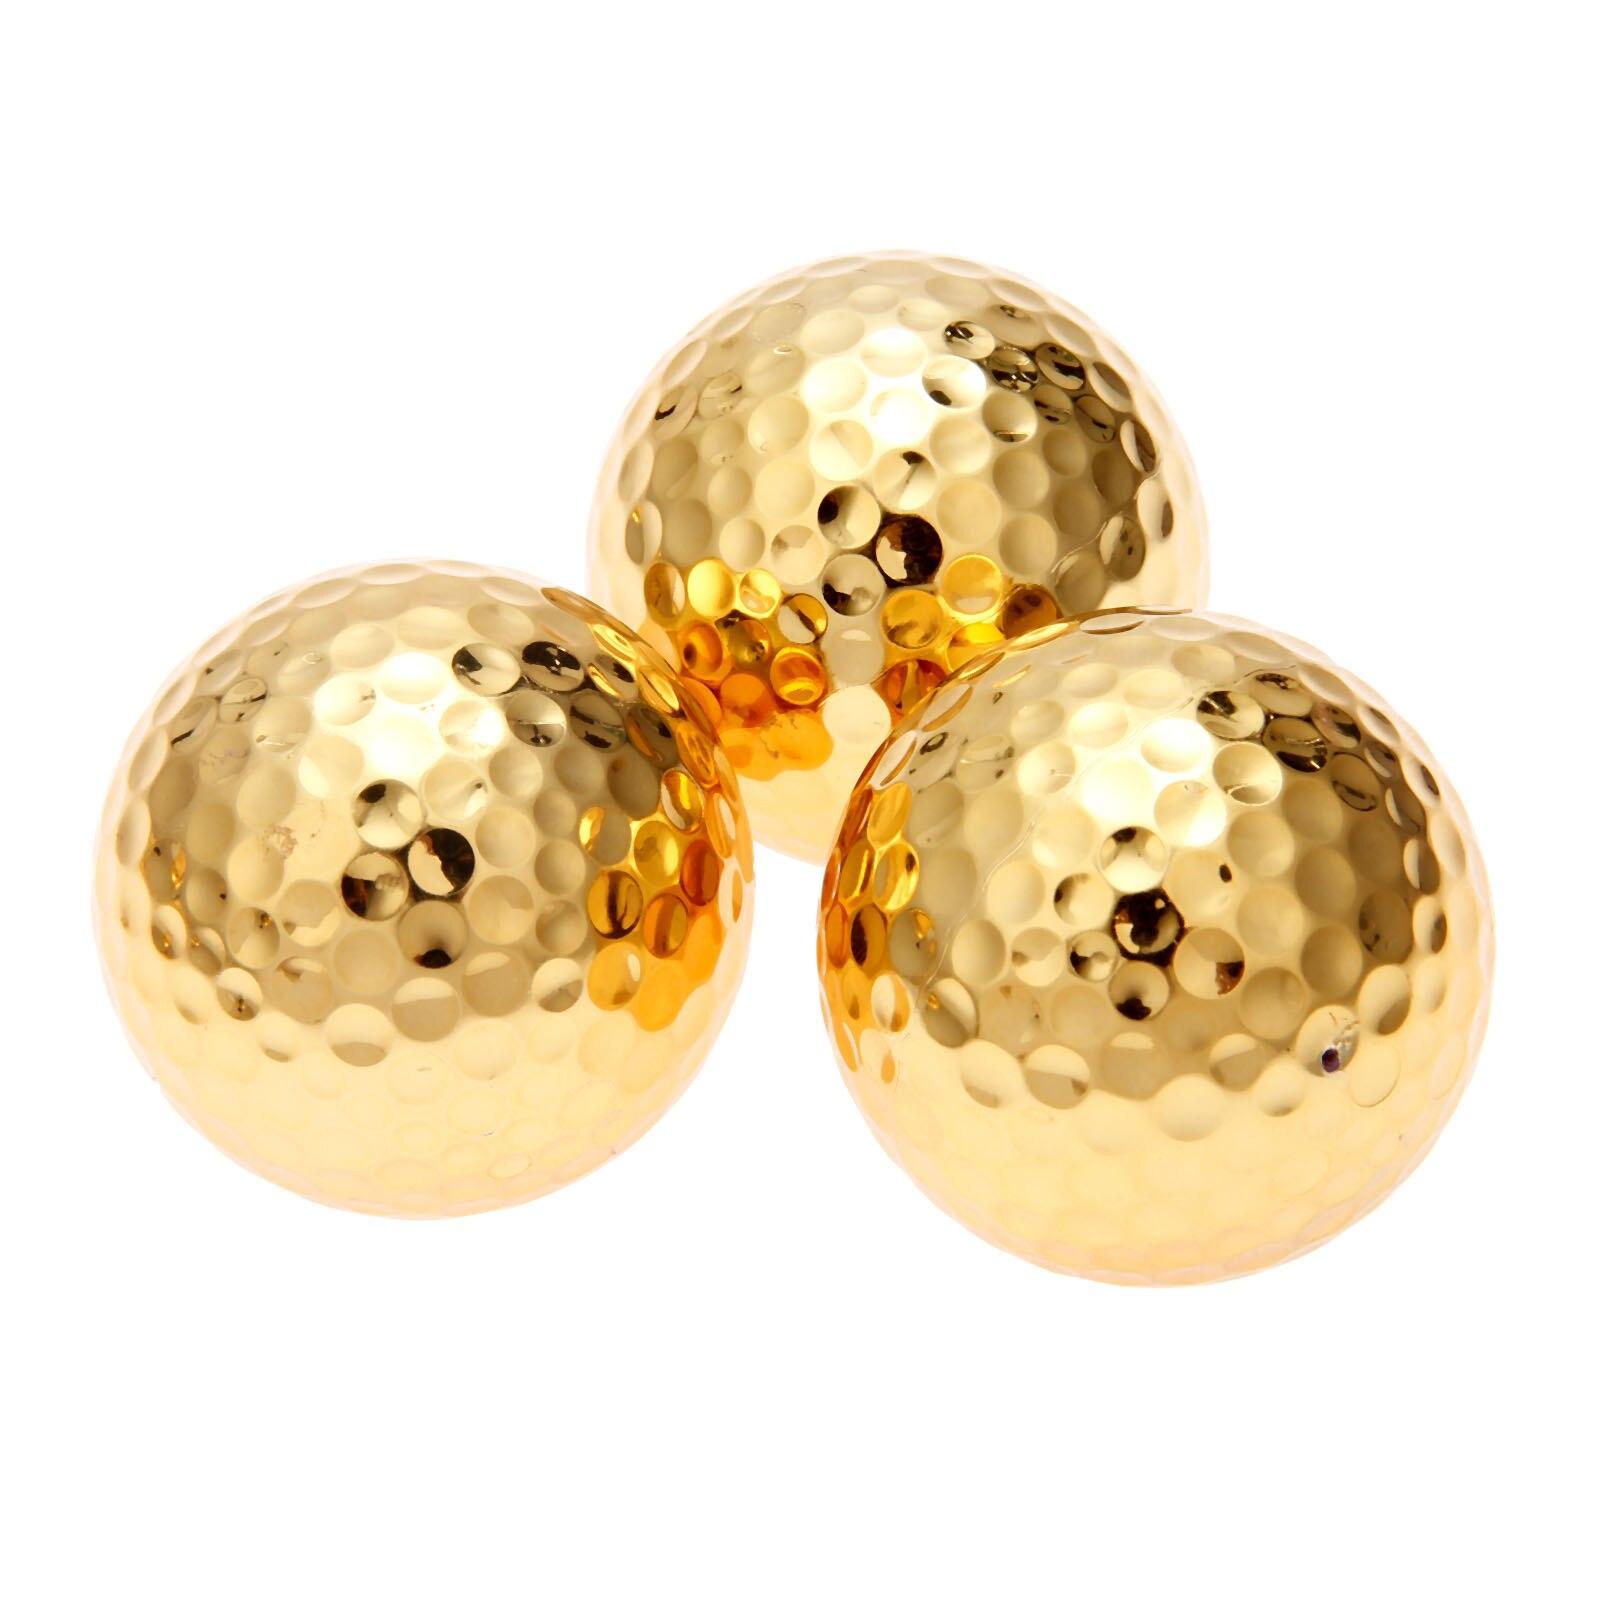 bolas de golfe prática bolas de golfe